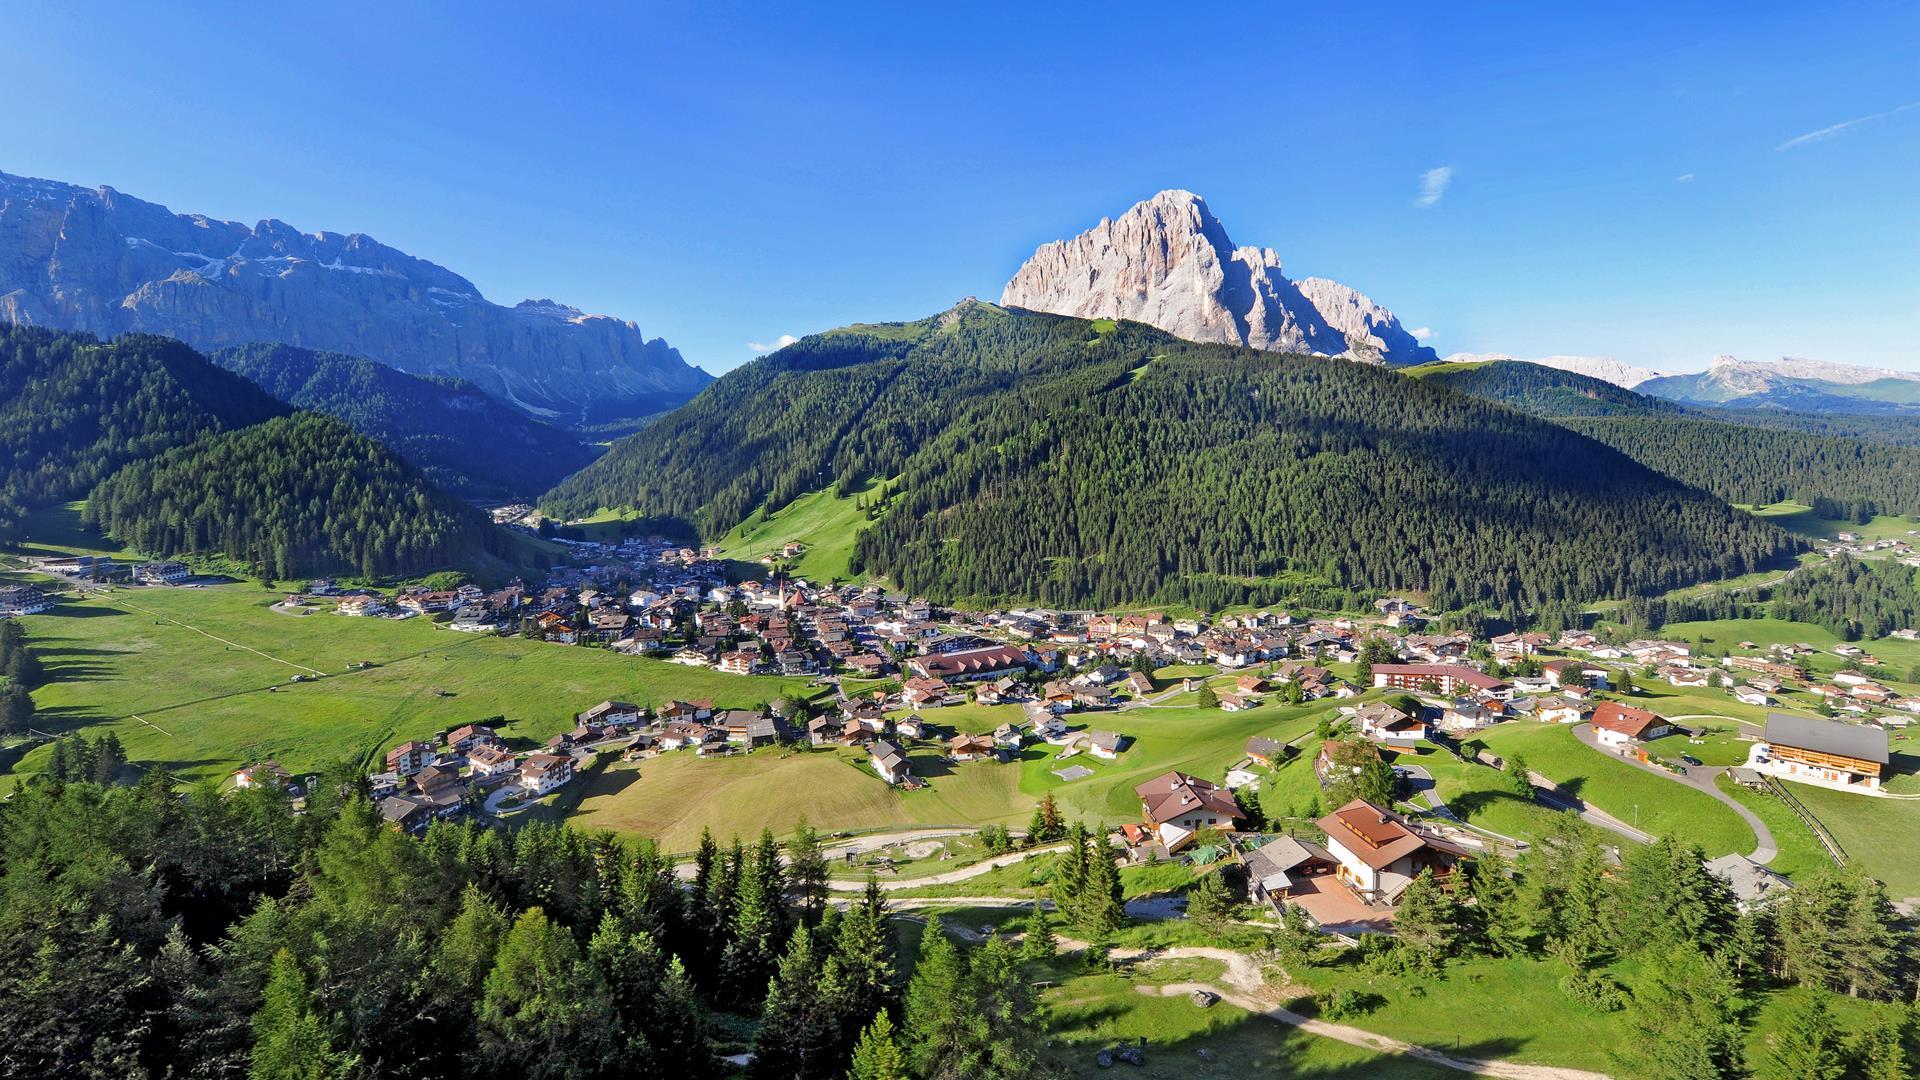 Wanderung zur Steviahütte über die Pizascharte bis zur Regensburger Hütte